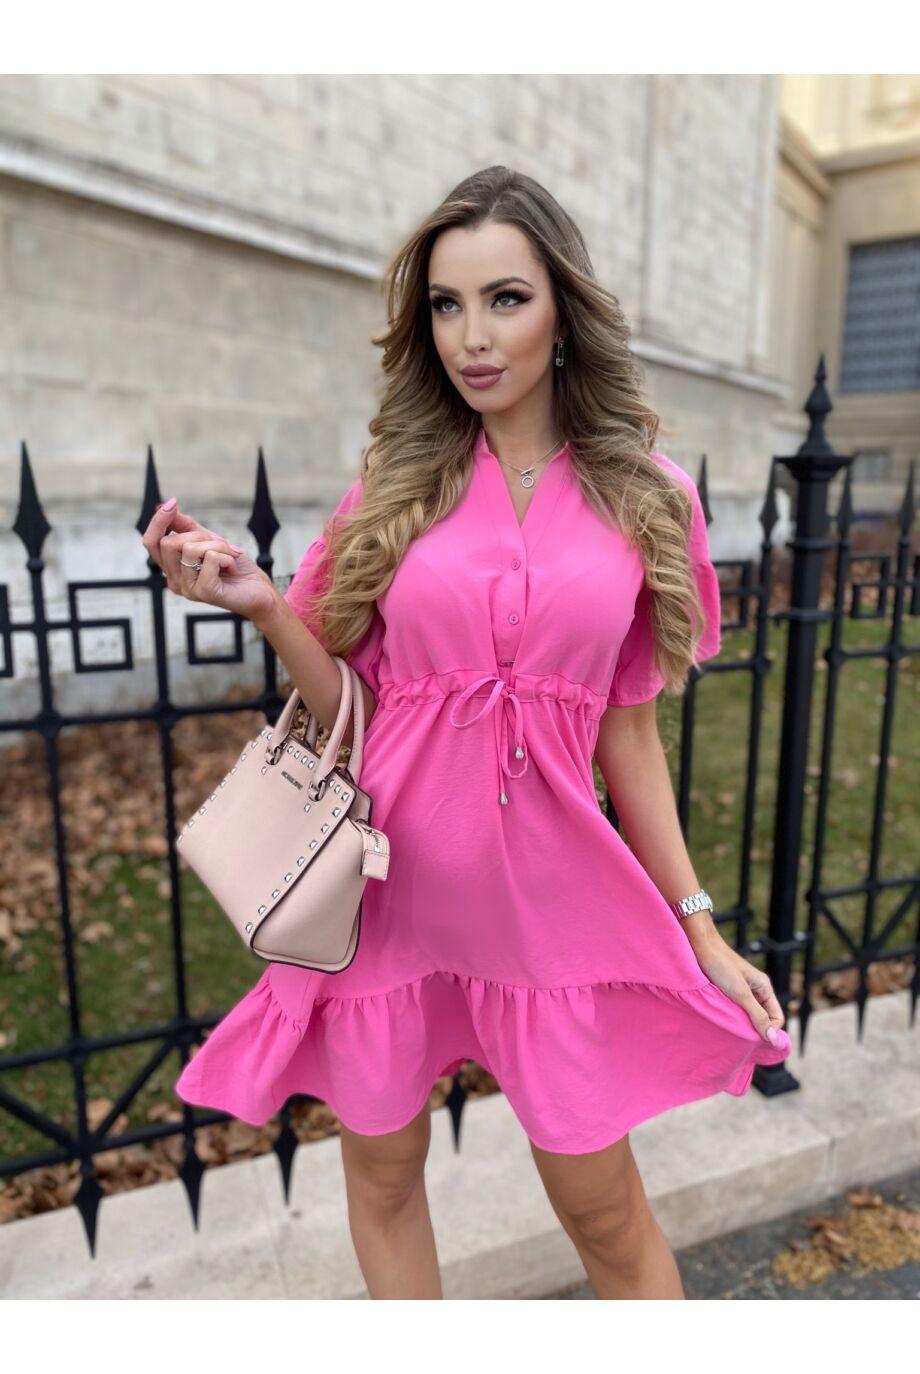 mell_alatt_megkotos_fodorral_diszitett_ruha_xenia_pink_blue_natural_s_l